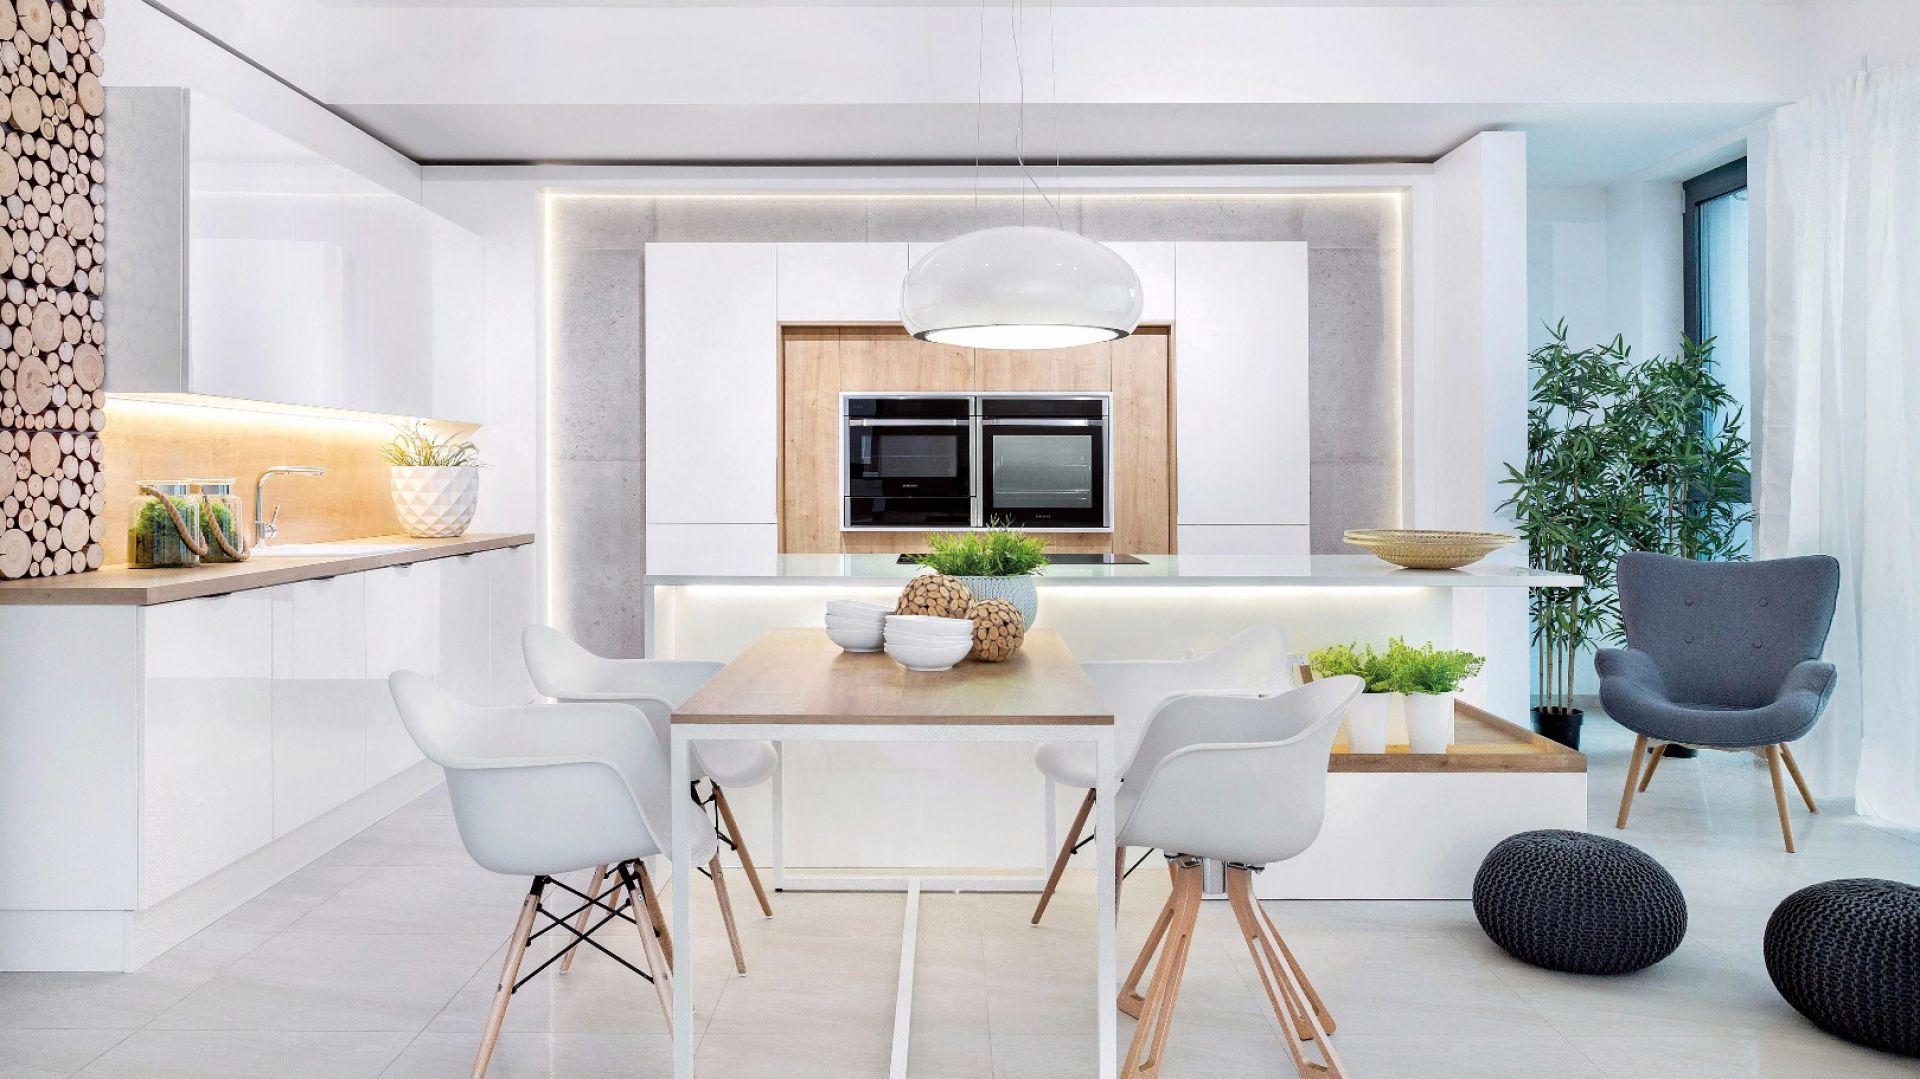 Biała kuchnia jest świeża i optycznie wydaje się bardzo przestronna. Fot. Studio Max Kuchnie/Vigo